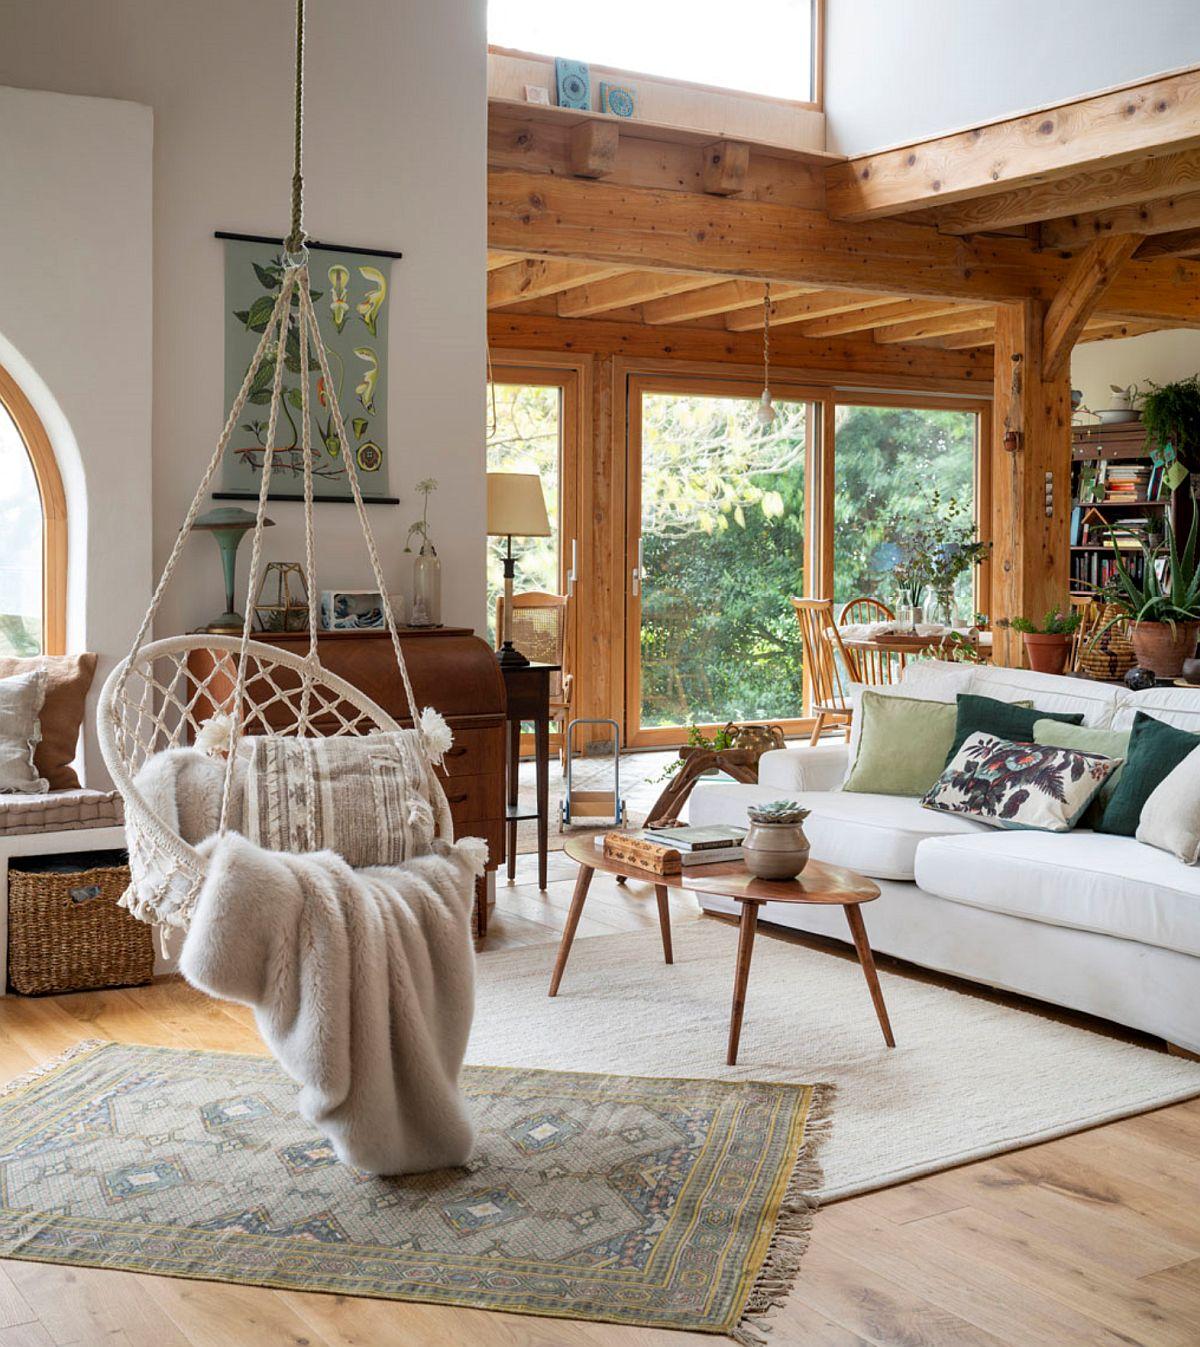 Un leagân suspendat în spațiul livingului devine punct de atracție, dar și un obiect care te face să explorezi înălțimea de aici. Practic, un loc de fotoliu reinterpretat. Un alt truc în decor, prevăzut de către stilistă este prezența covoarelor suprapuse. Unghiul și contrastul dintre ele te fac să percepți spațiul ca fiind mai mare, mai confortabil și mai ornamentat, dar totul în relație cu ferestrele mari și multe suprafețe deschise în tonuri de alburi.